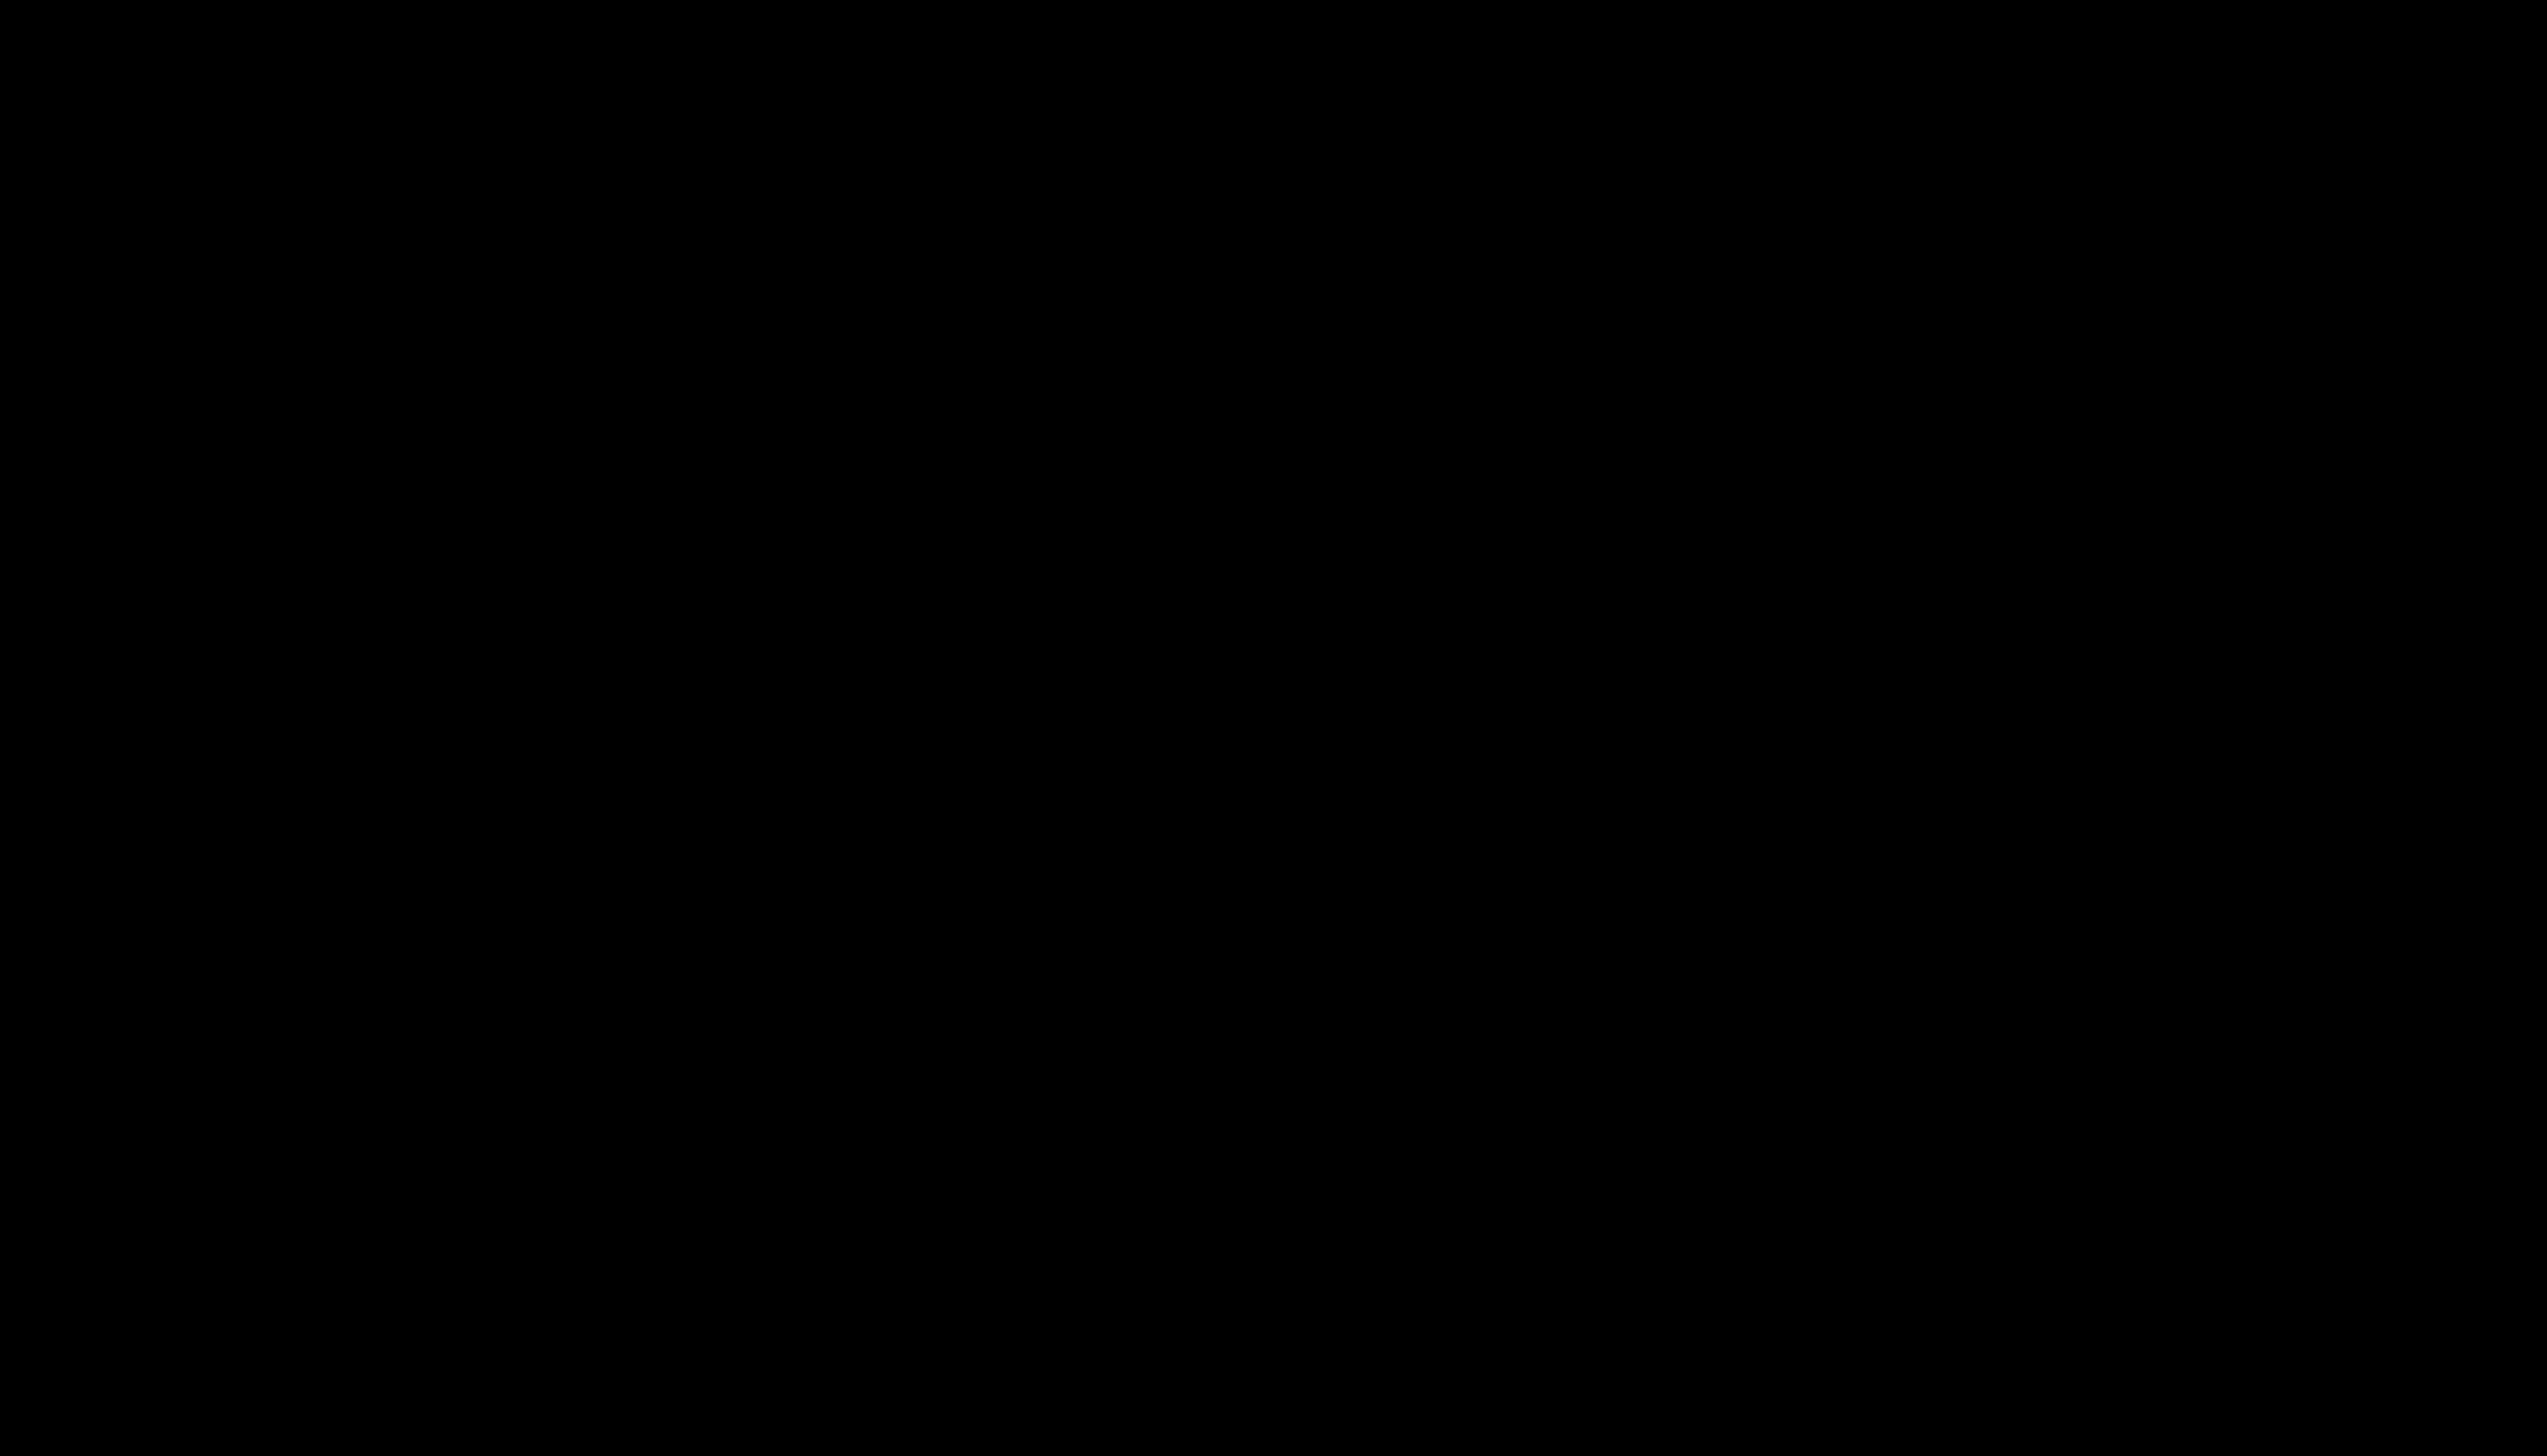 Avid Cider Black Logo